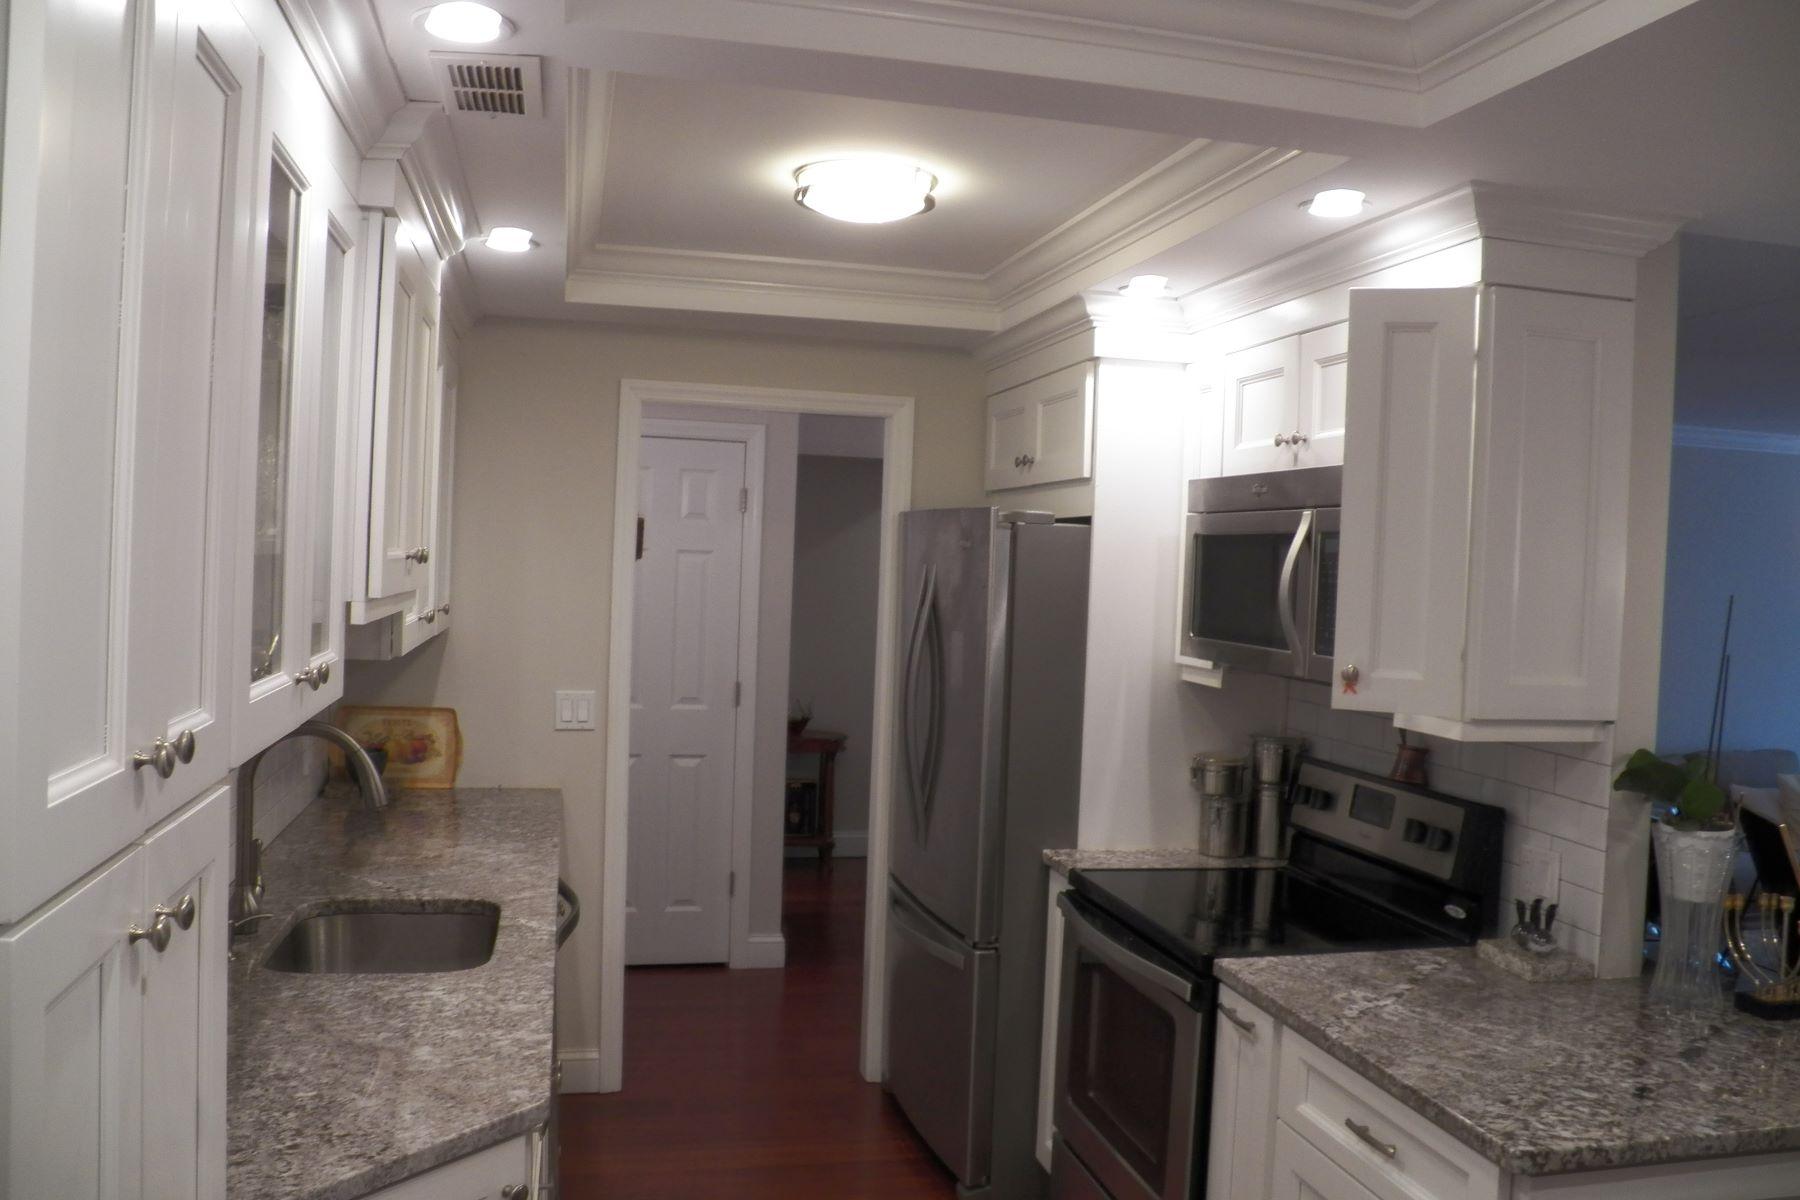 Eigentumswohnung für Verkauf beim Fully Renovated Condo 200 High Point 506 Hartsdale, New York, 10530 Vereinigte Staaten